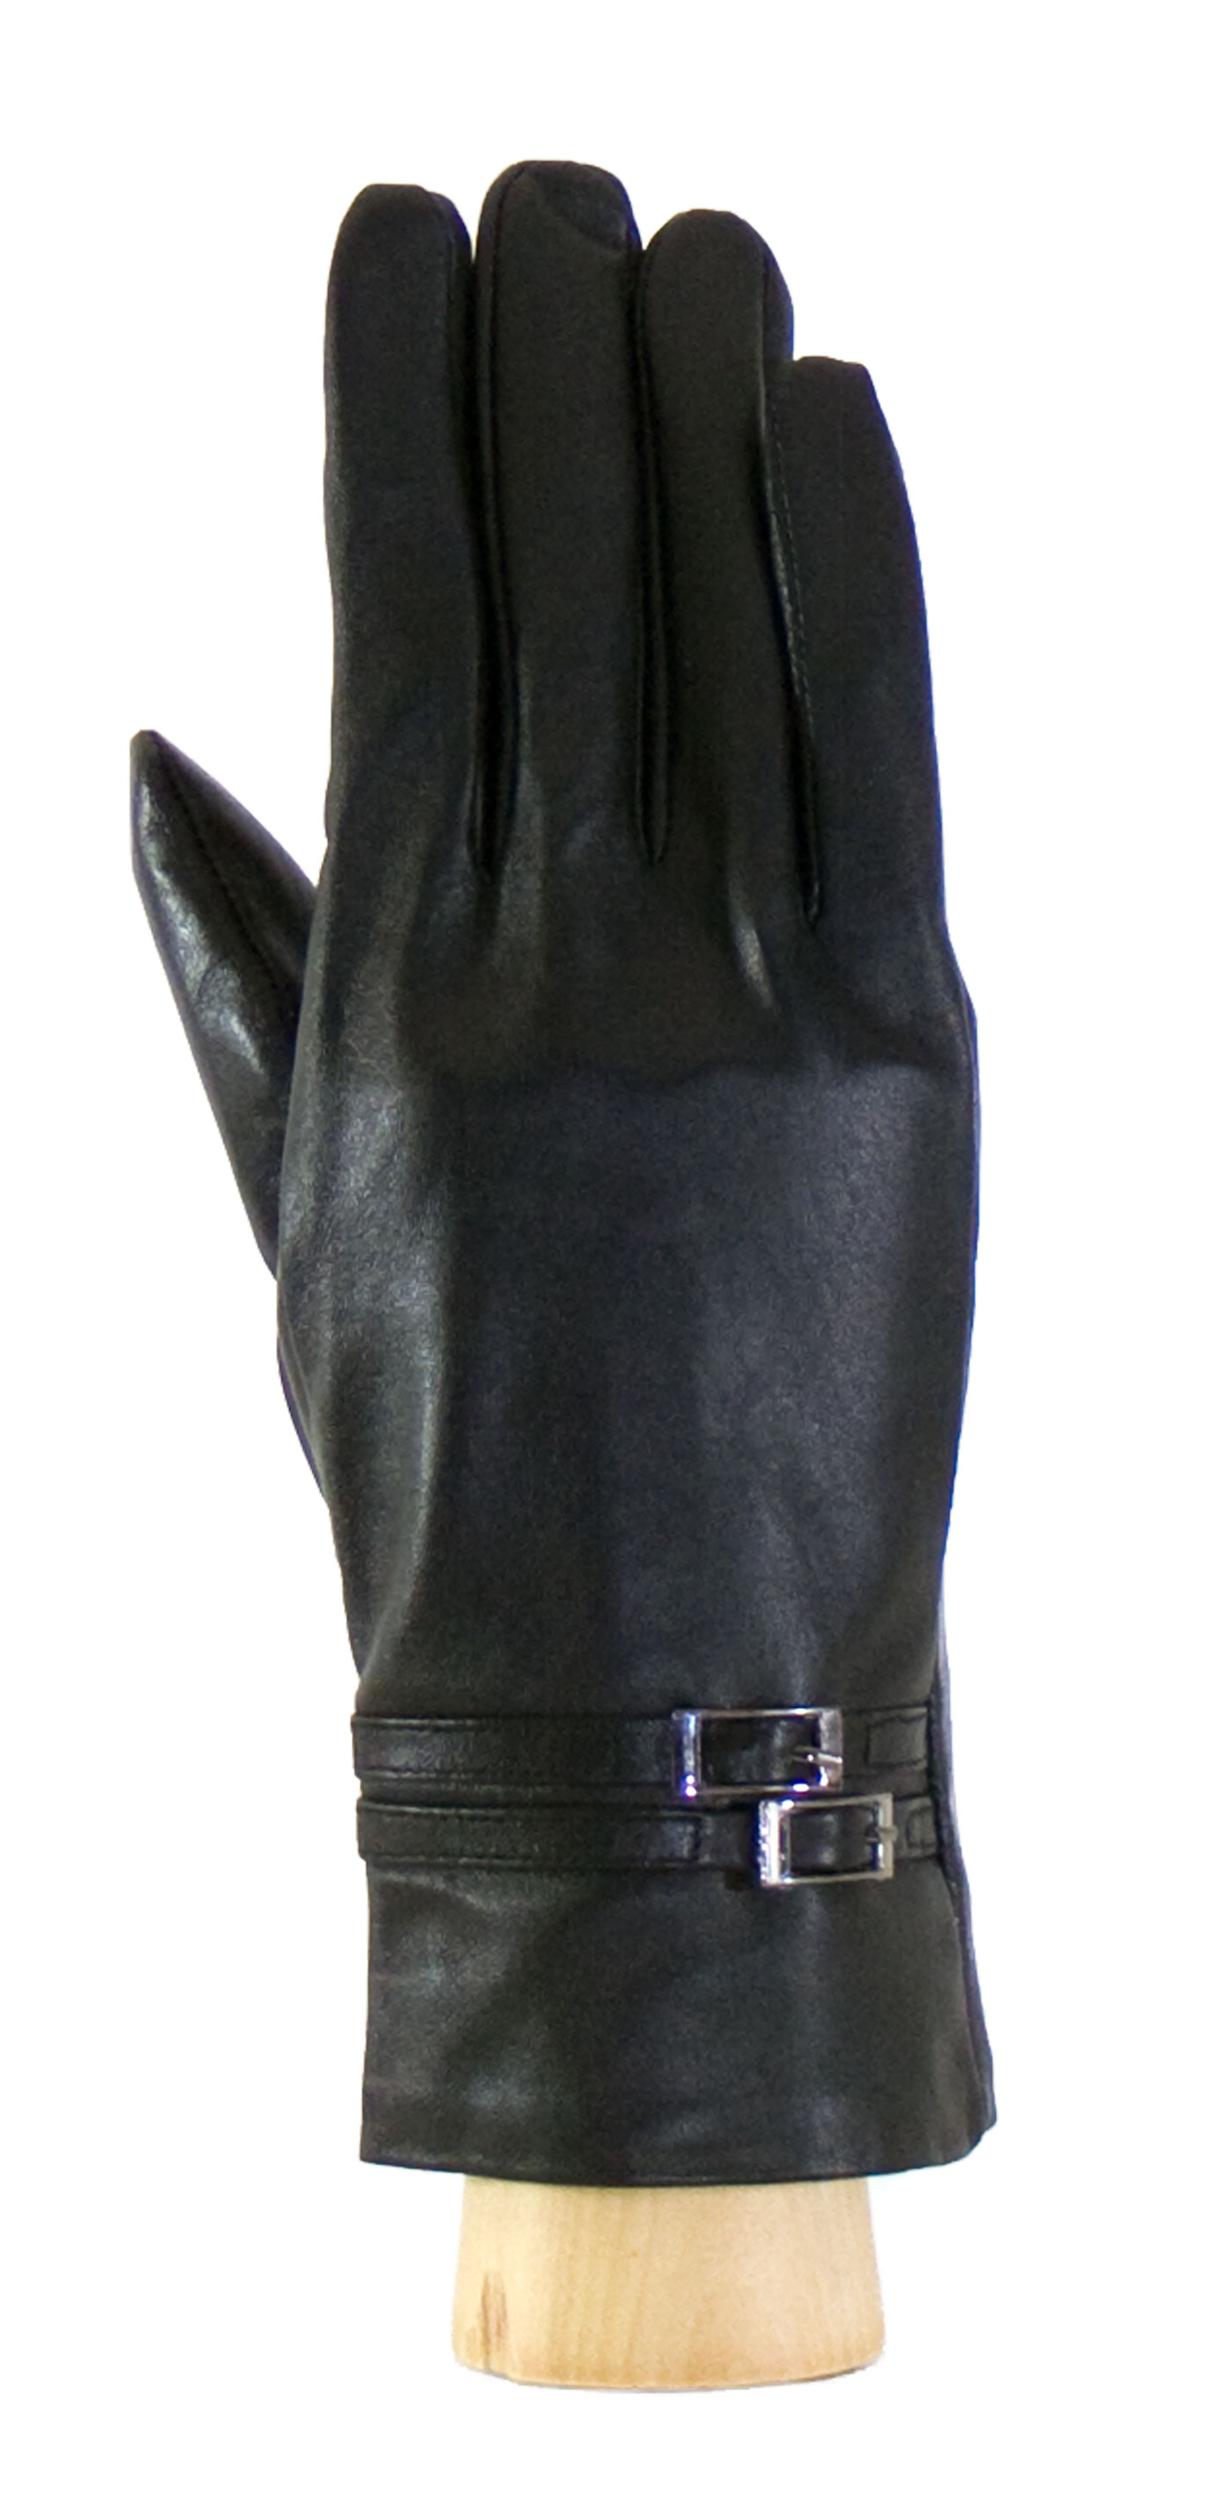 Gants cuir noir boucles femme taille 8